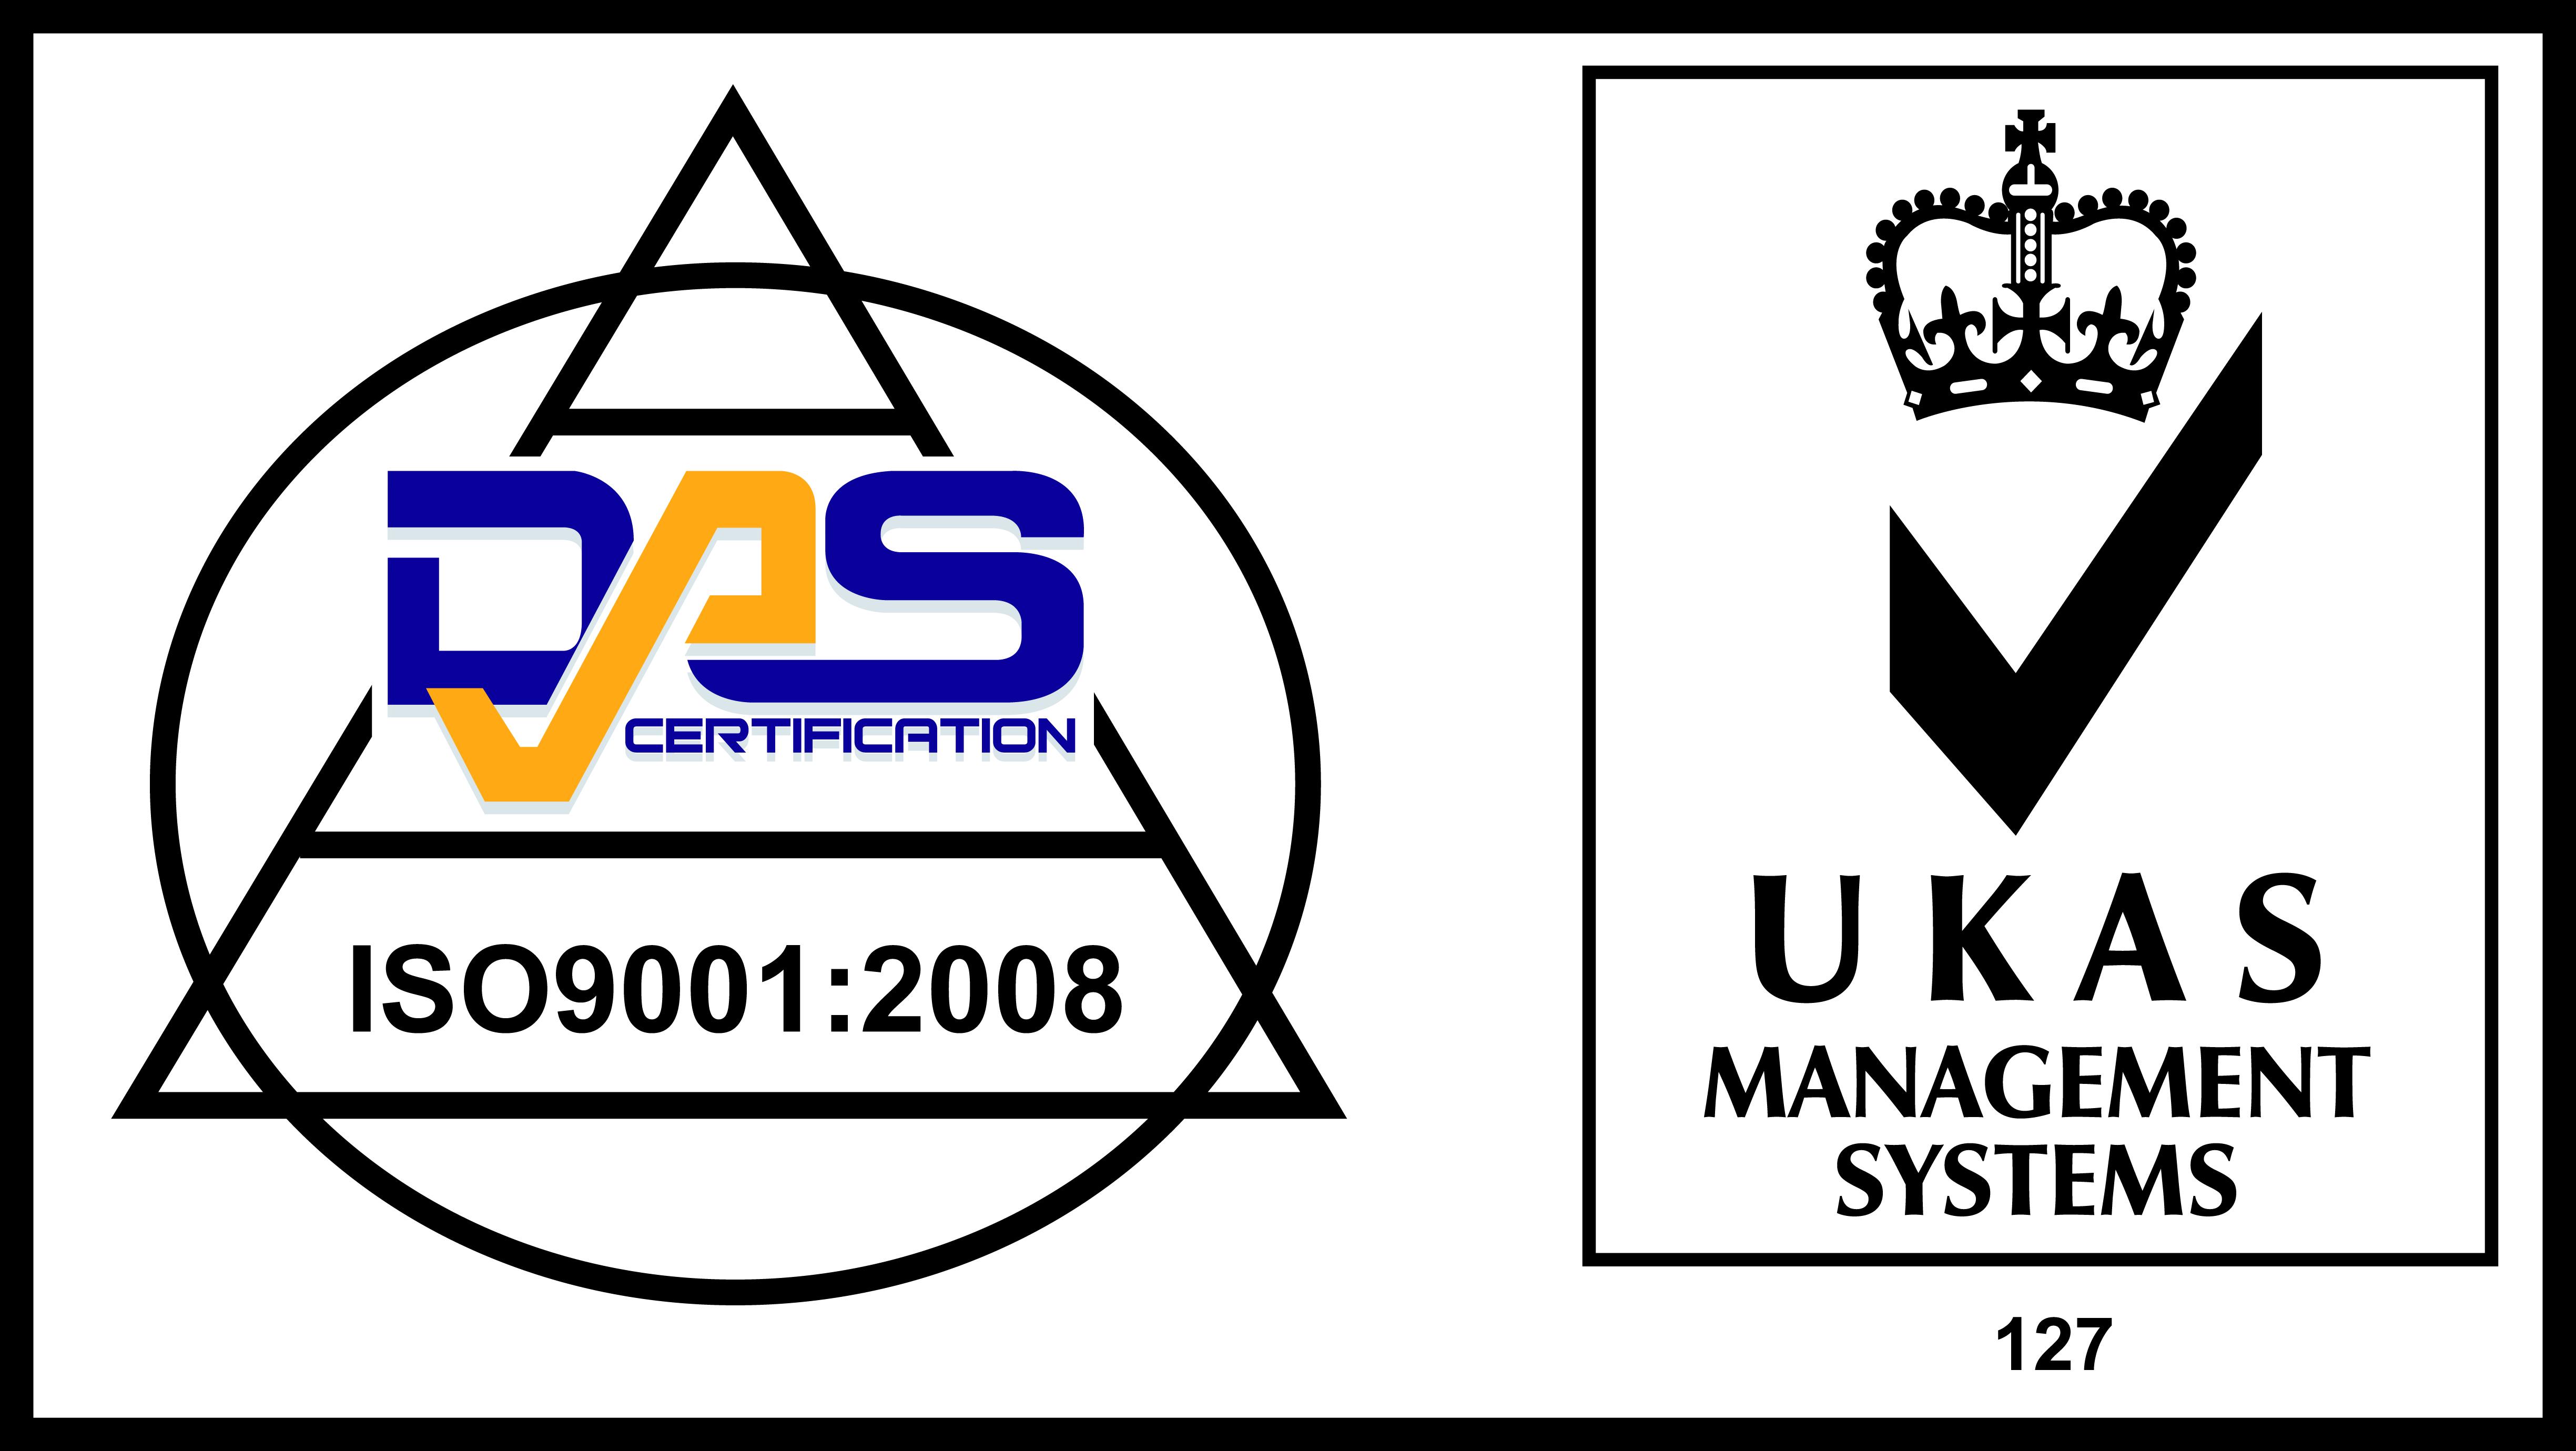 UKAS_ISO9001_2008 (23 Nov 12)